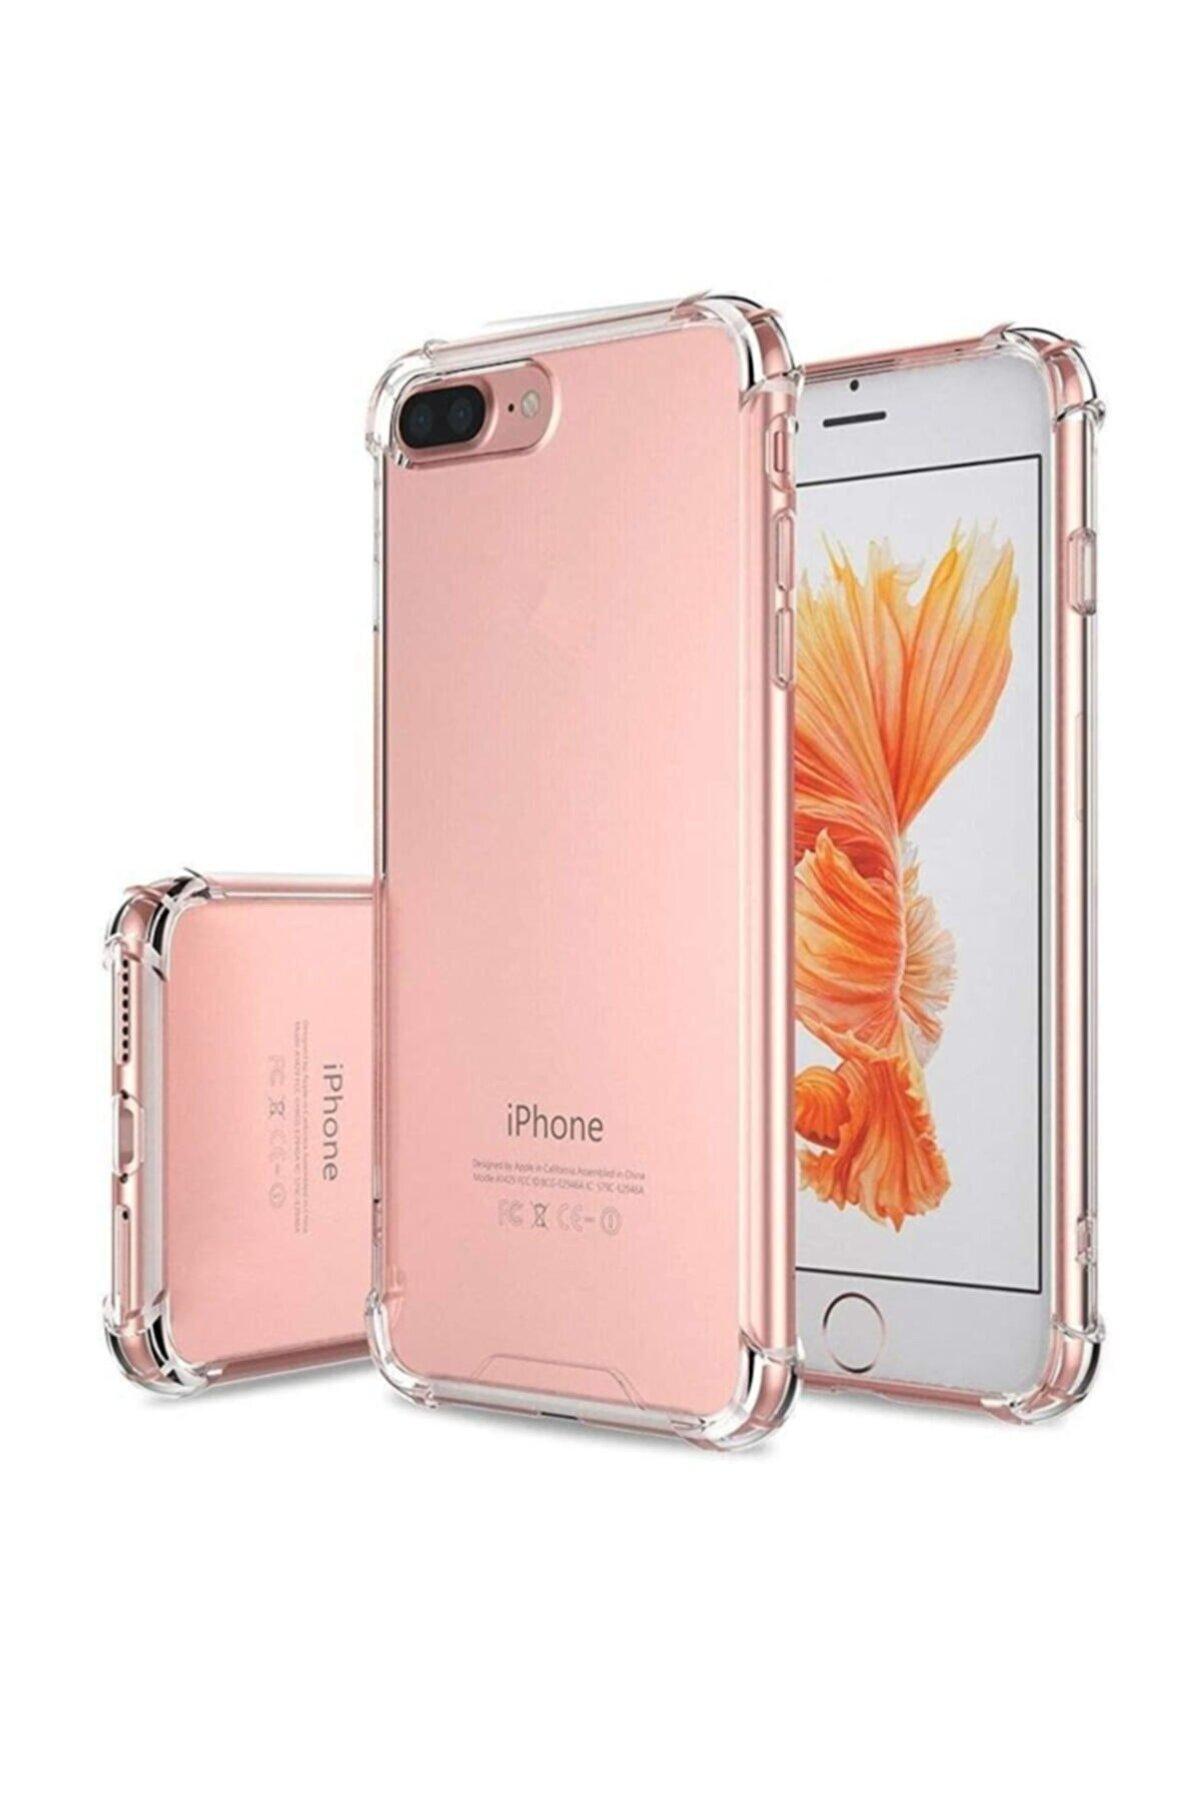 emybox Iphone 7 Plus 8 Plus Köşe Korumalı Şeffaf Silikon Darbe Emici Telefon Kılıfı +2 Adet Ekran Koruyucu